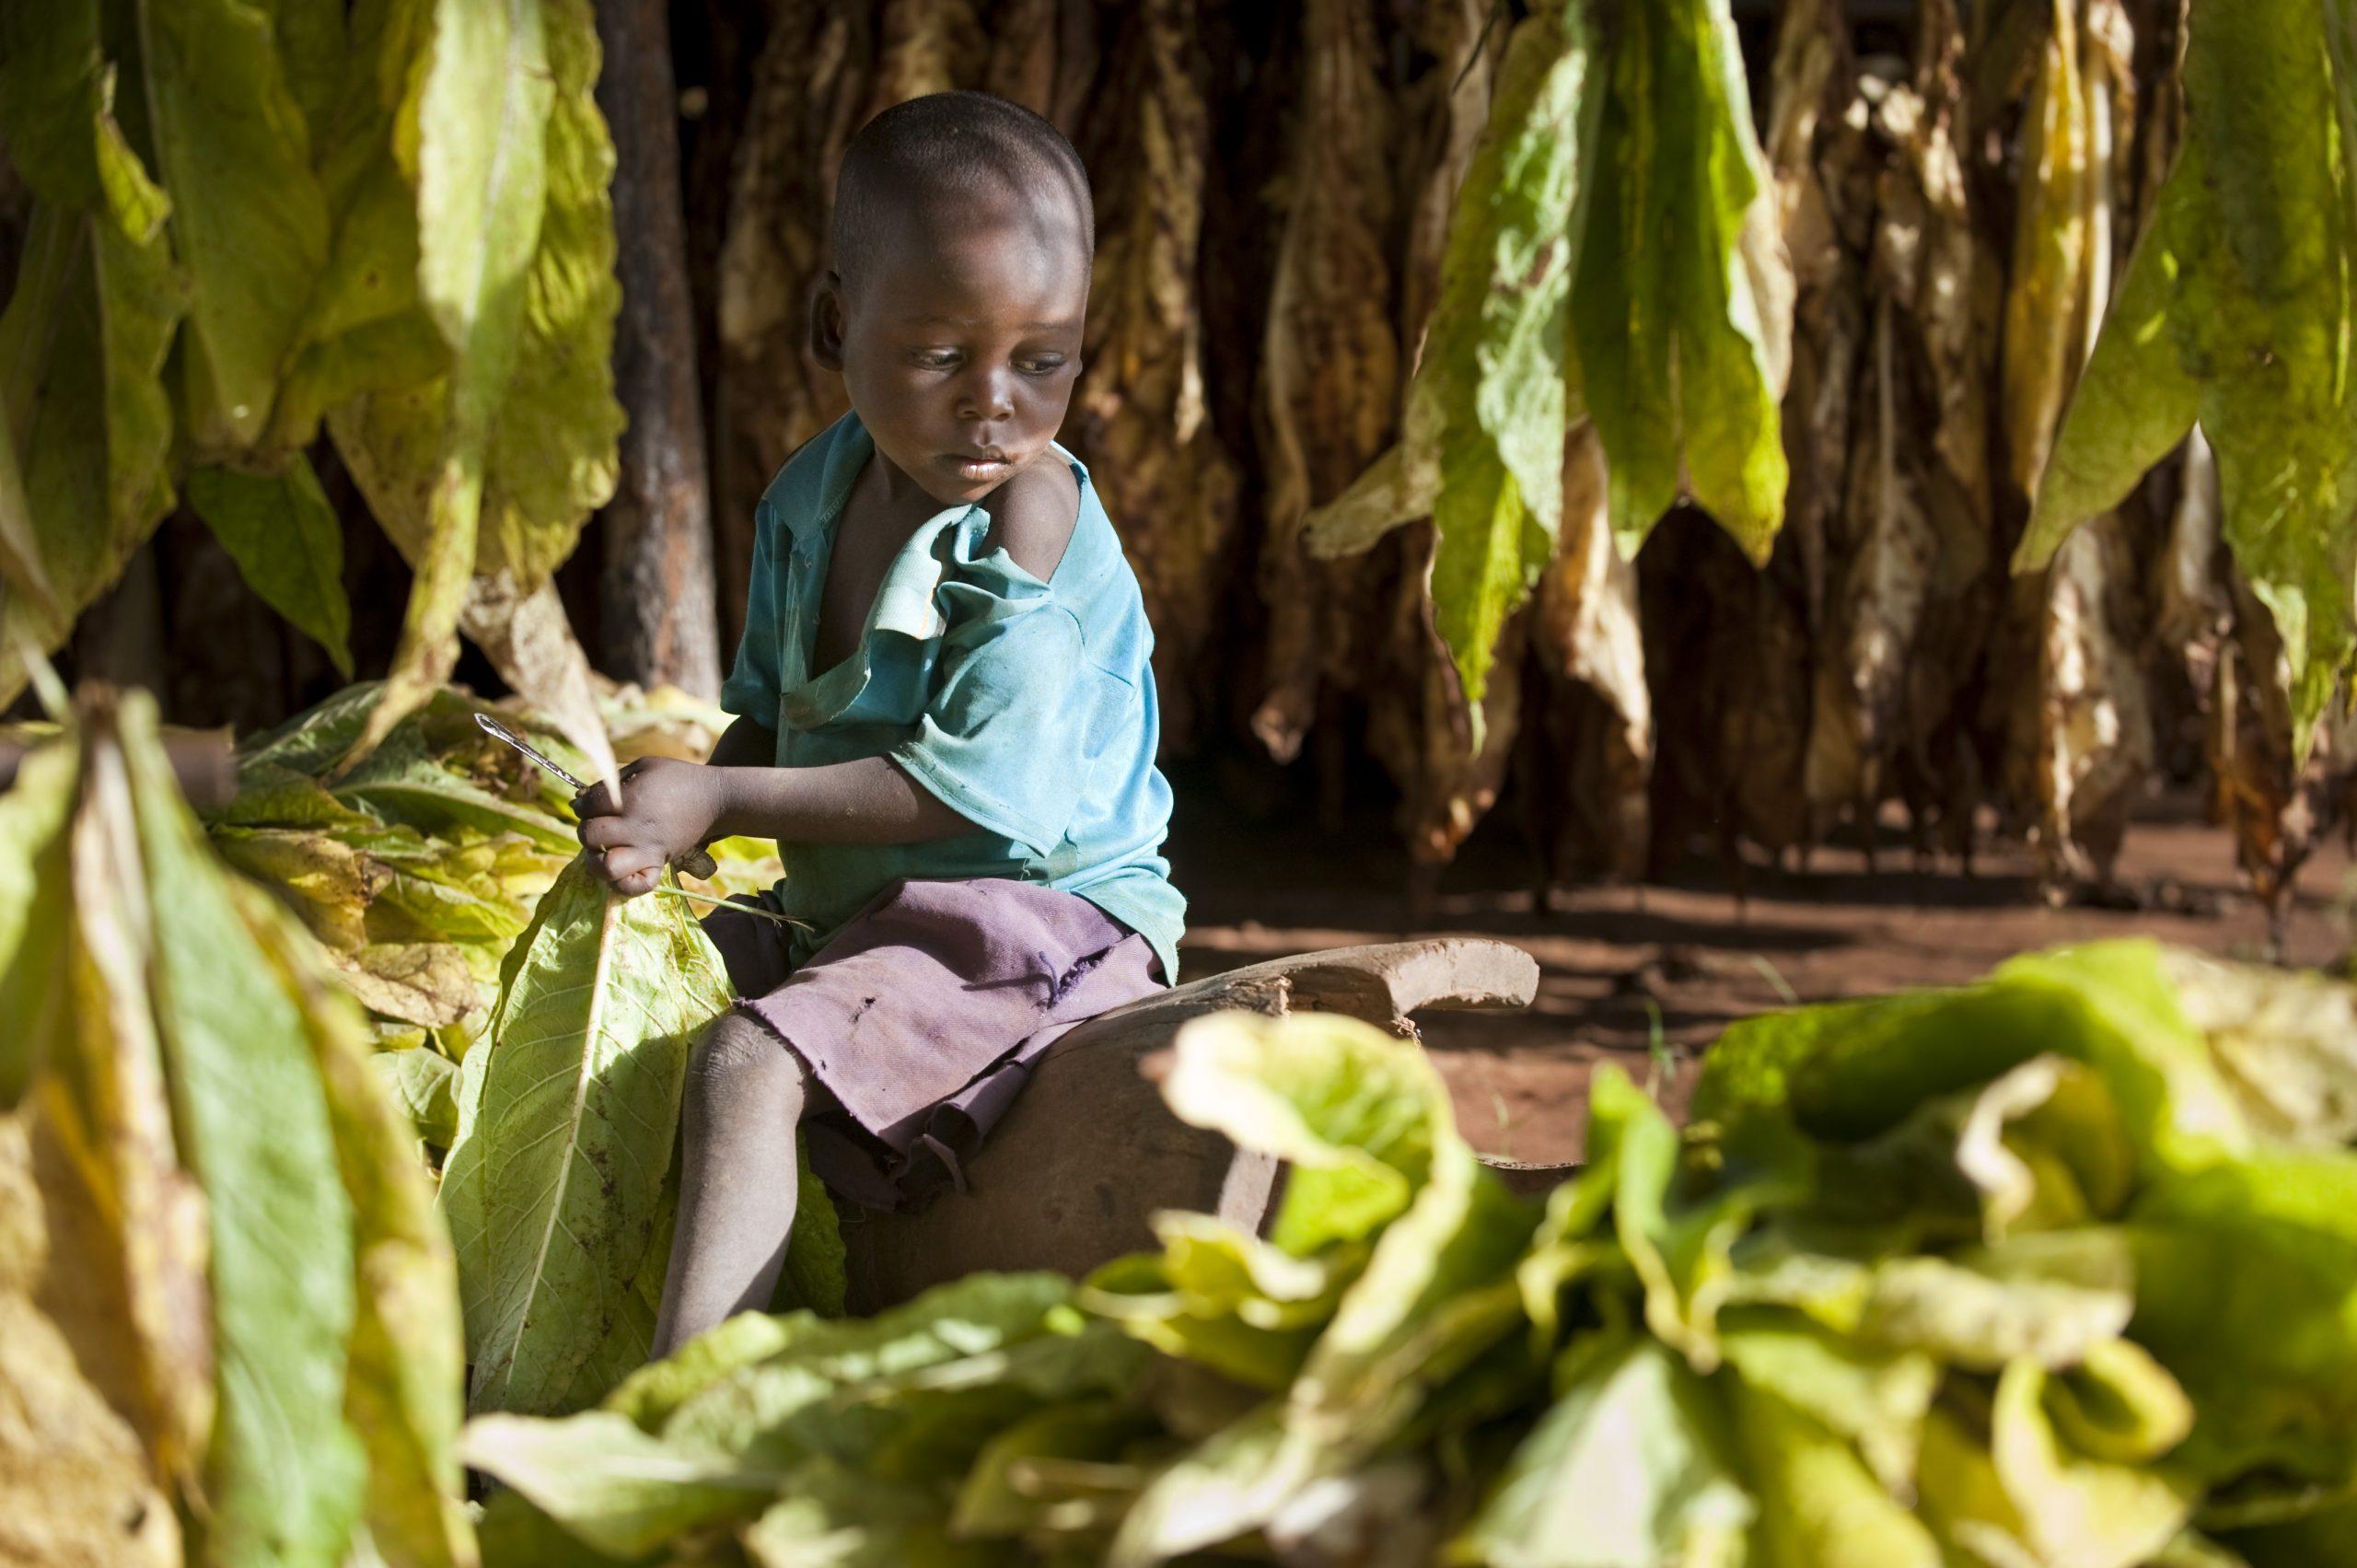 travail-des-enfants-malawi-tabac